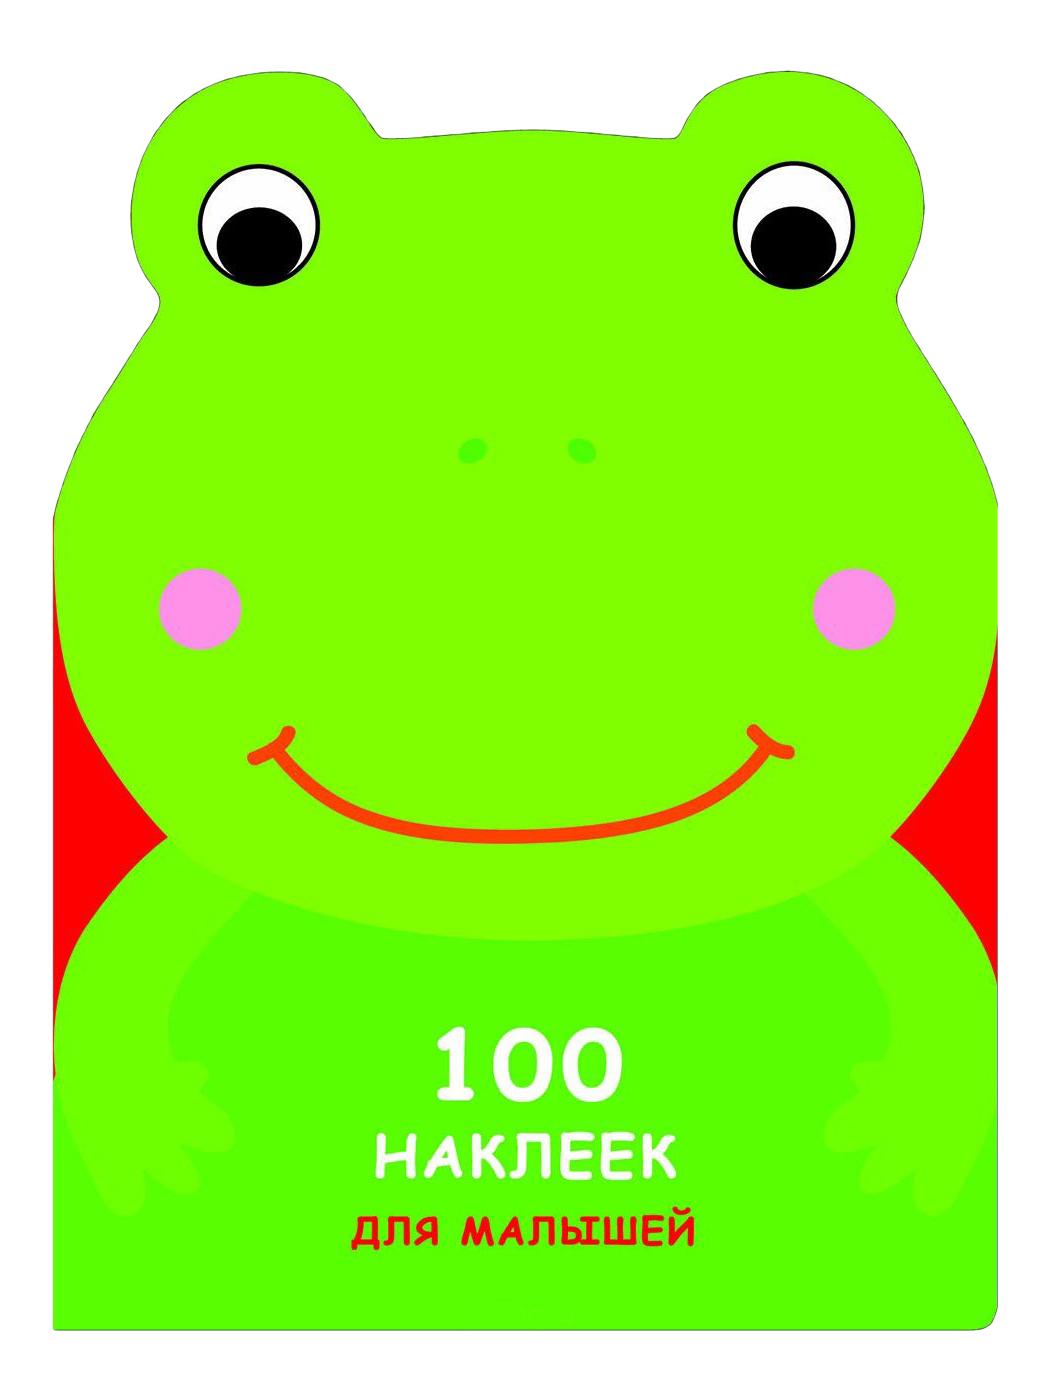 Купить Лягушонок, Стрекоза Развивающая книжка С наклейками: 100 наклеек для Малышей, Зверята, лягушонок, Книжки с наклейками